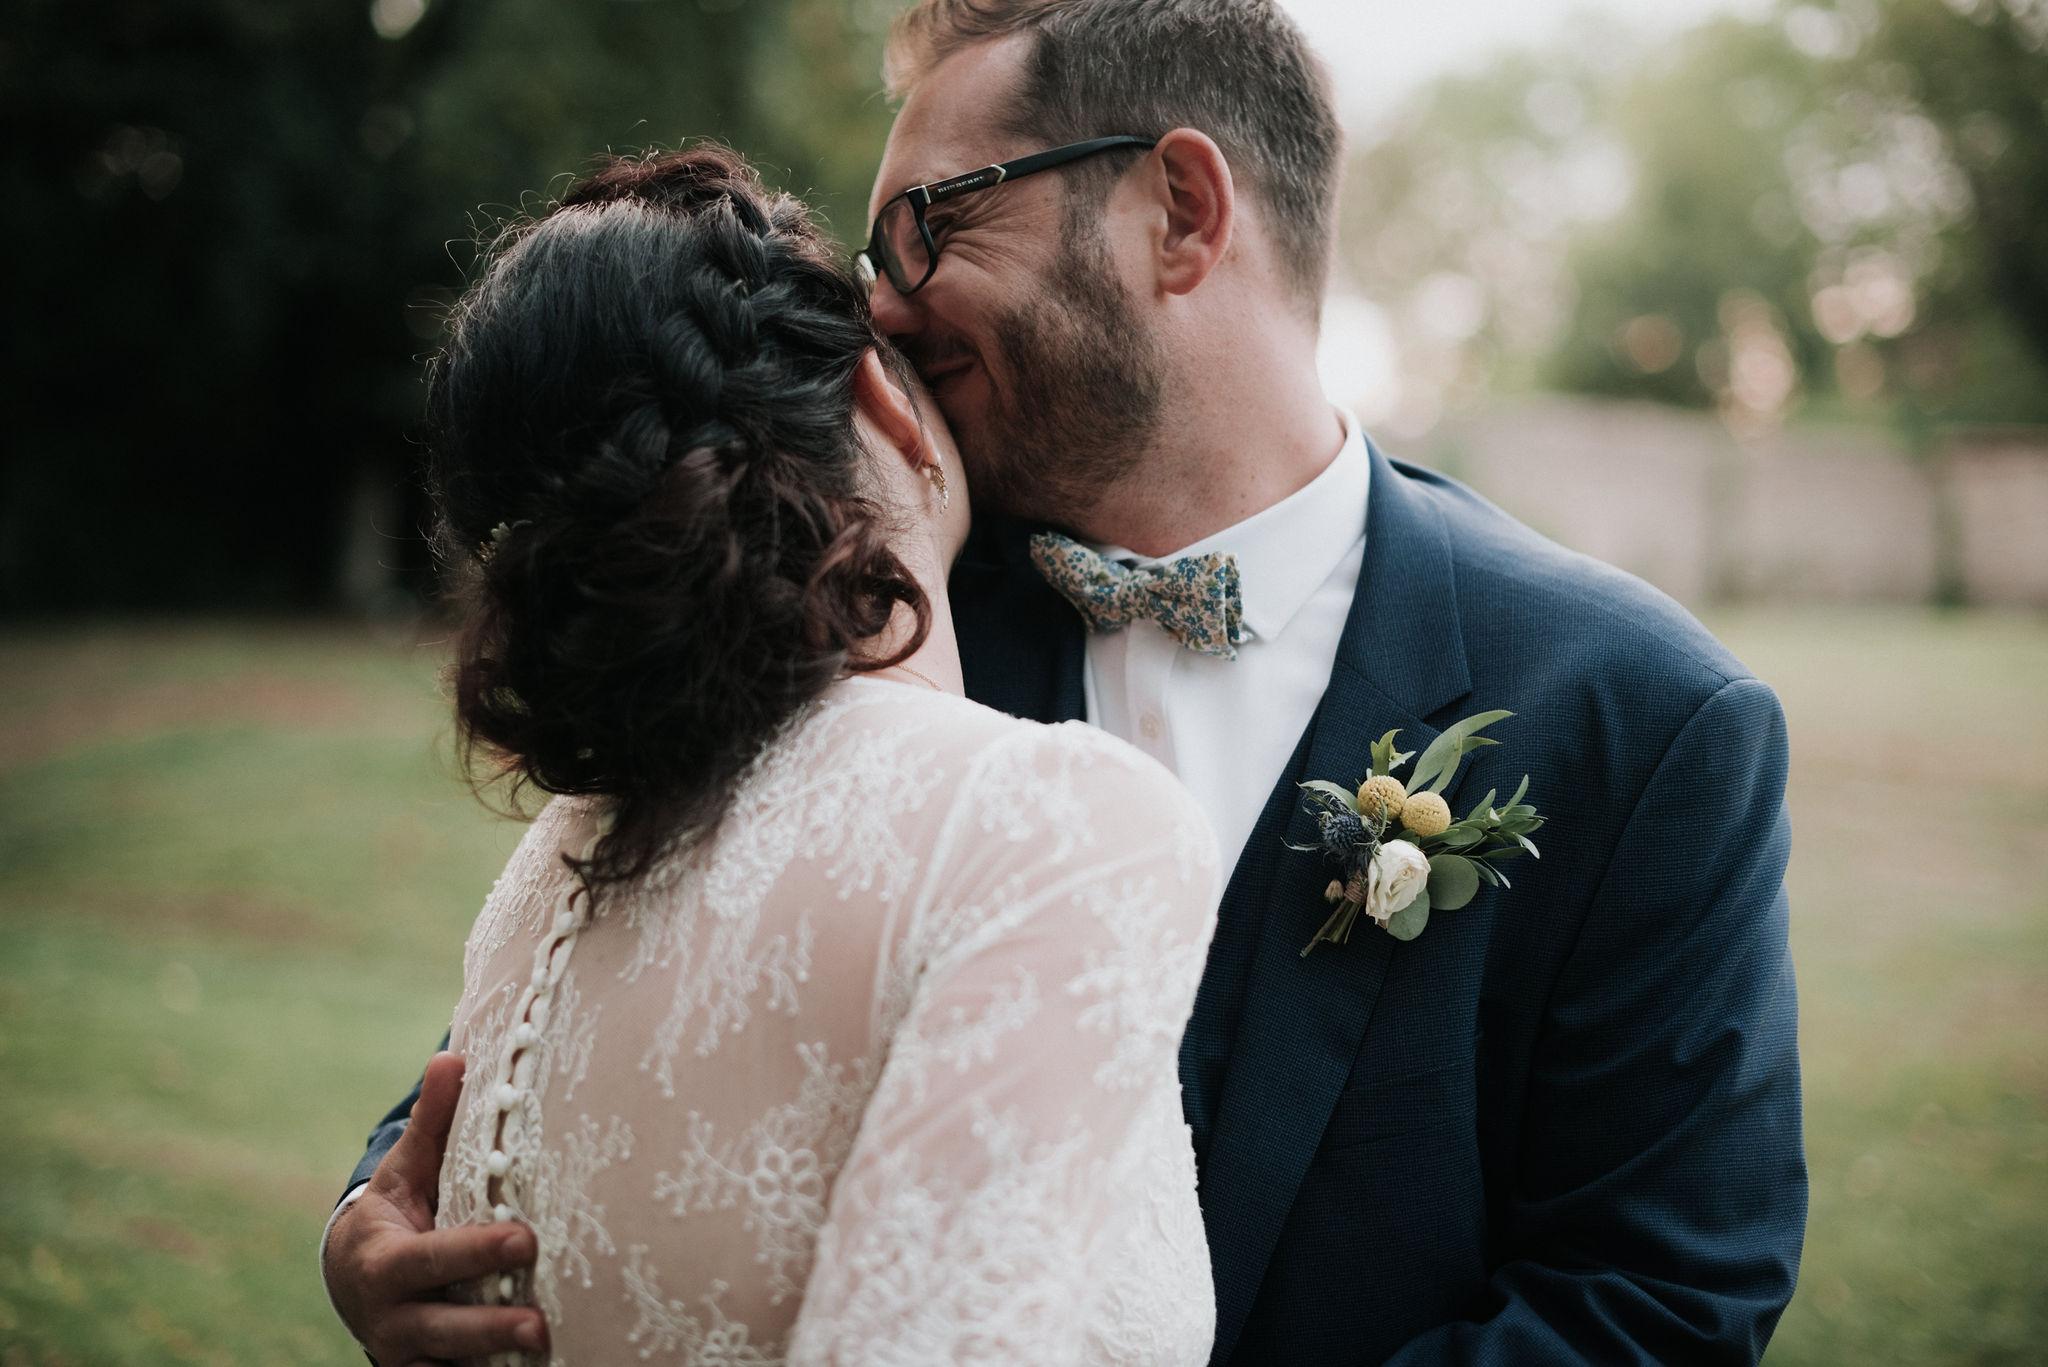 Léa-Fery-photographe-professionnel-lyon-rhone-alpes-portrait-creation-mariage-evenement-evenementiel-famille-7664.jpg